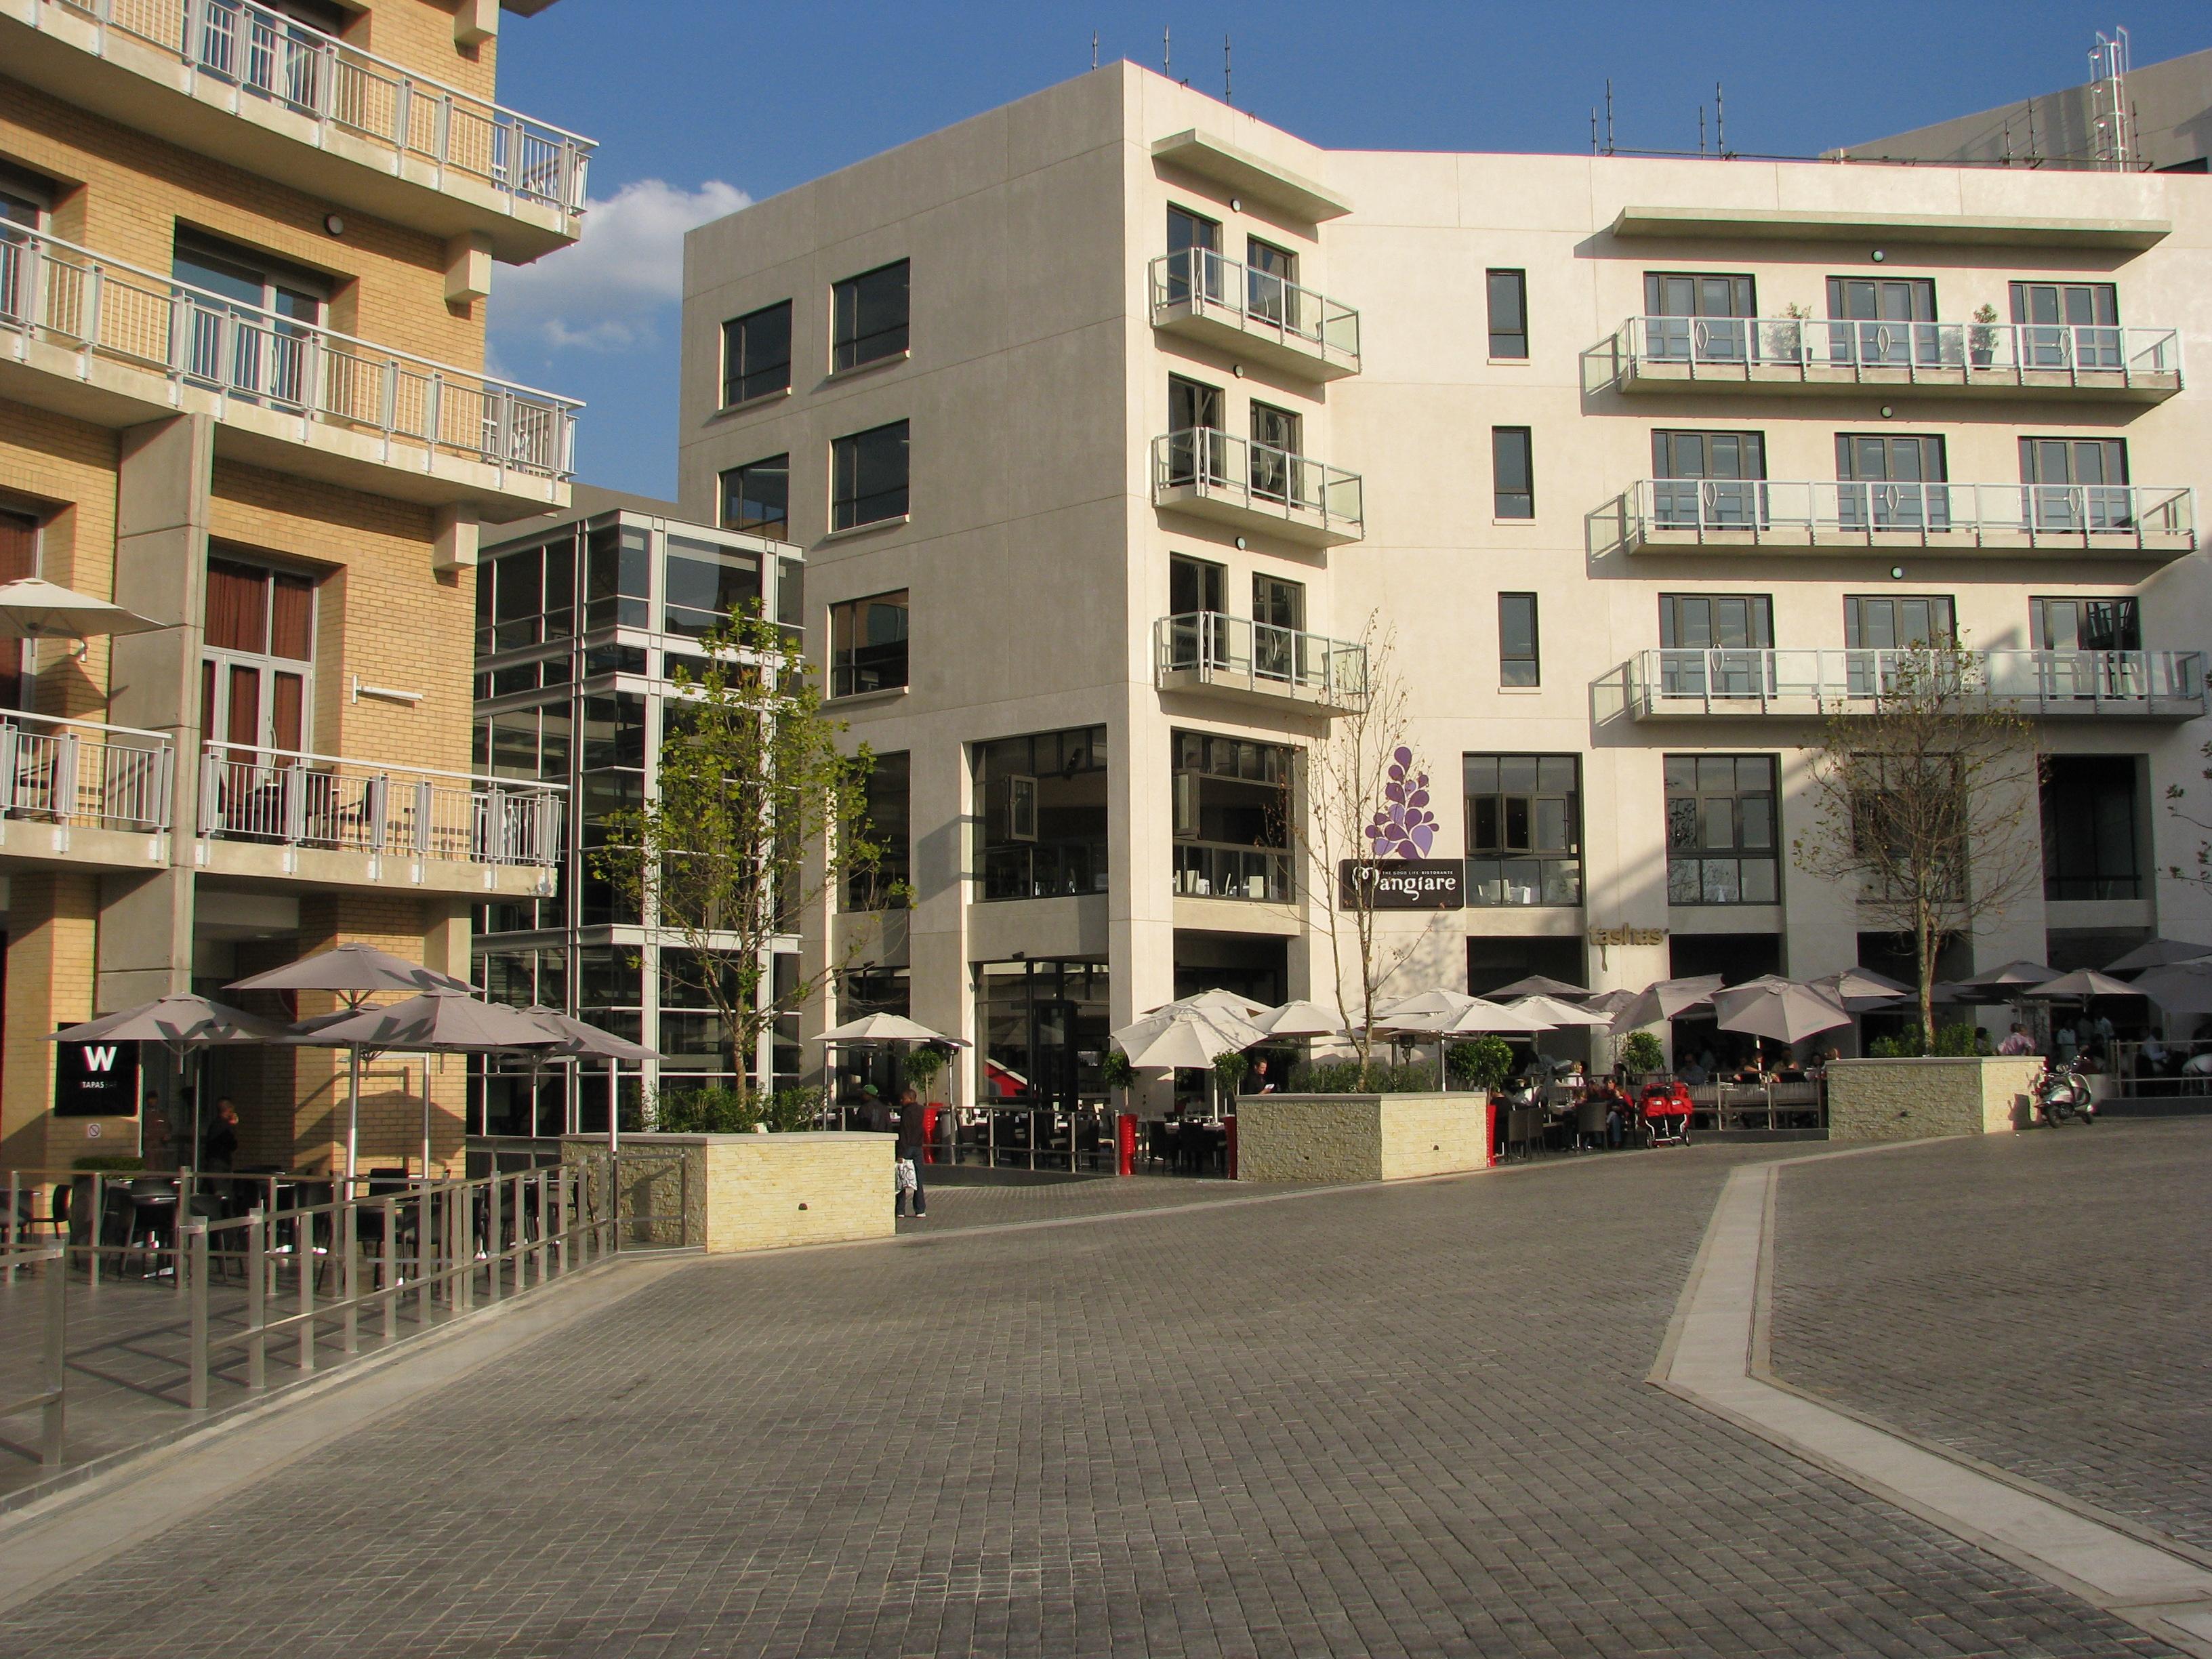 Melrose Piazza.JPG